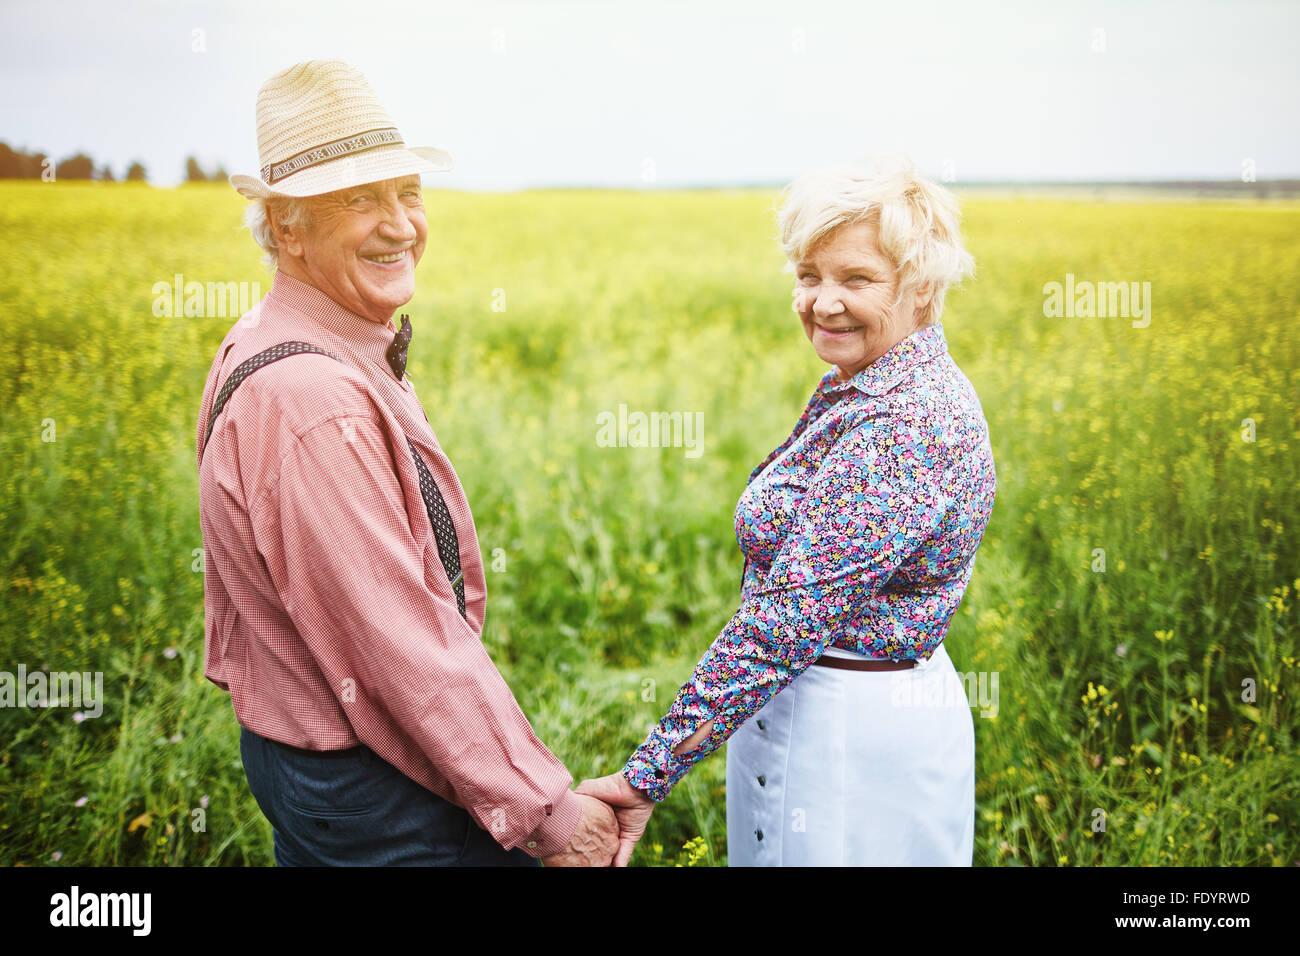 Seniors affettuoso tenendo premuto dalle mani mentre in piedi in Prato Foto Stock